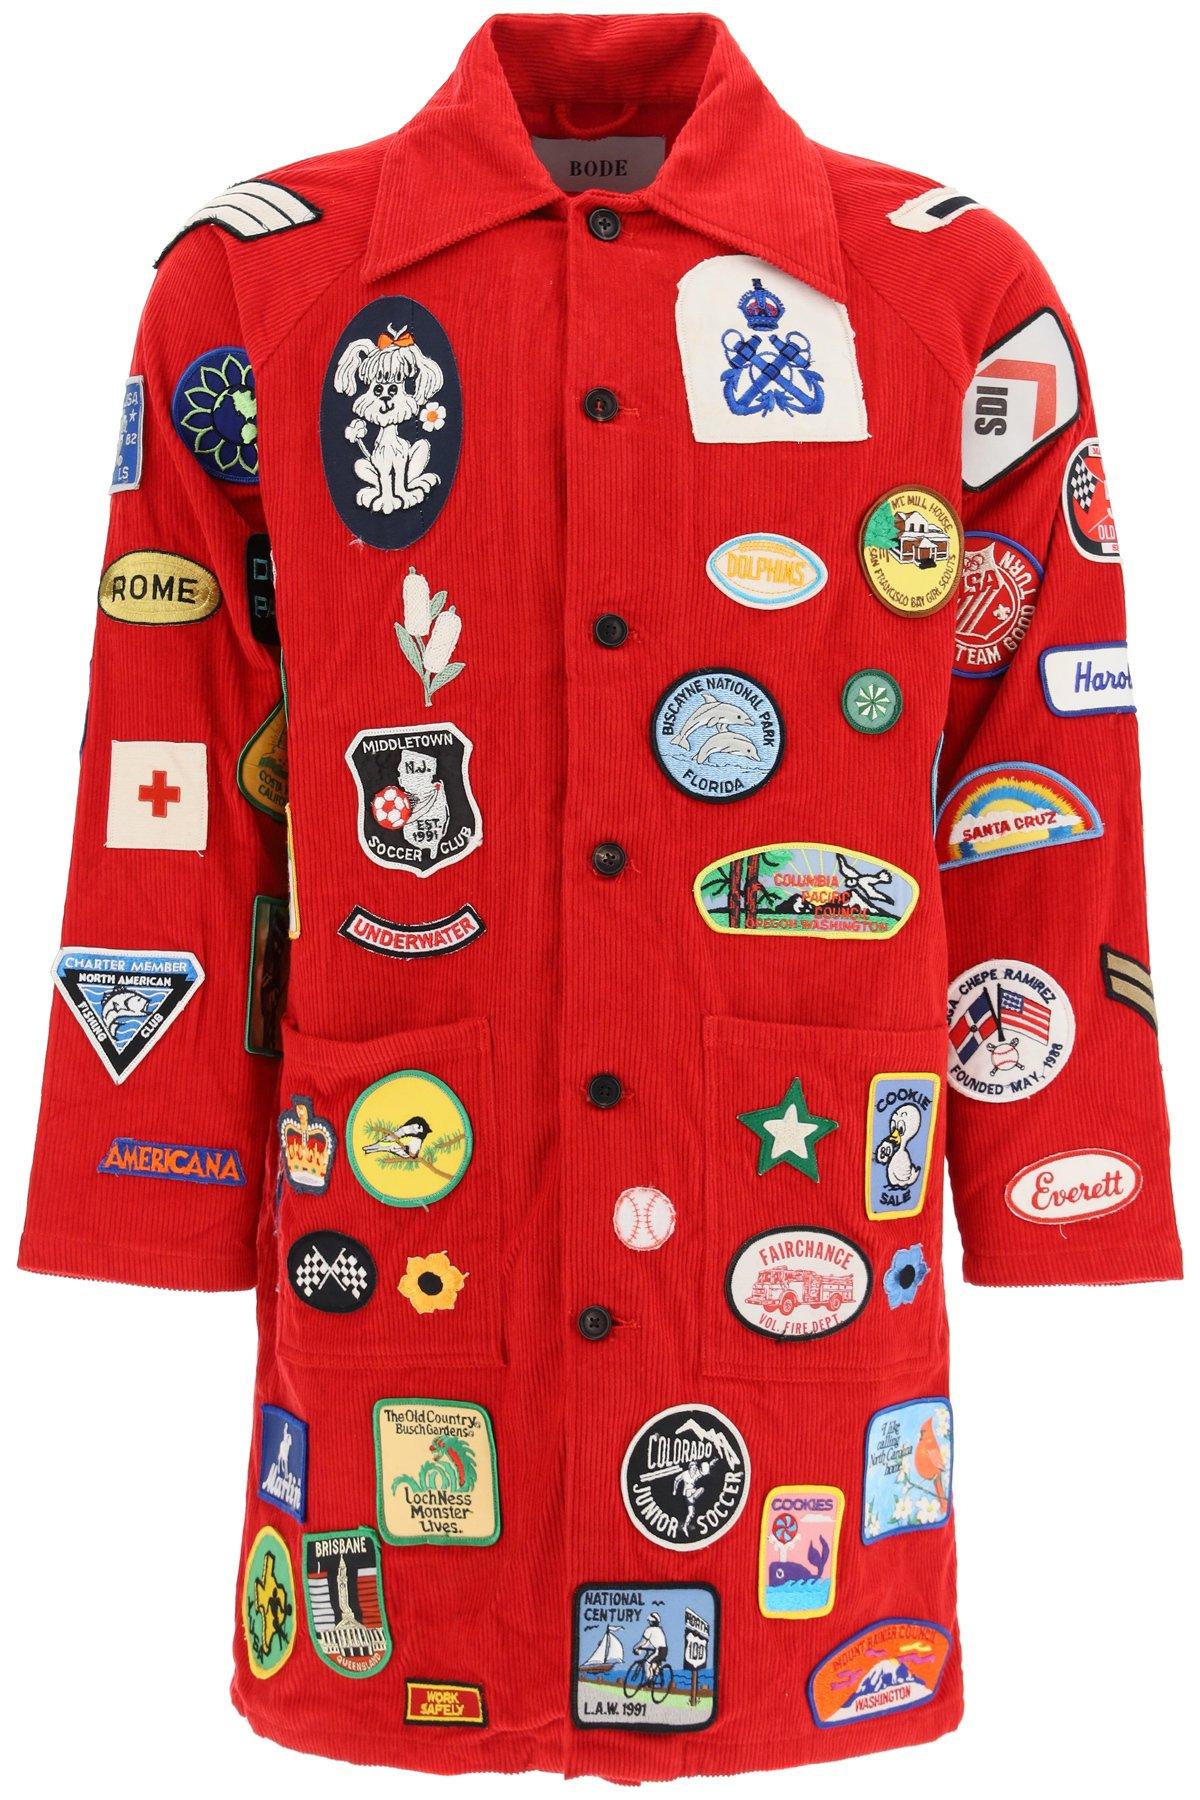 Bode cappotto con multi patch vintage